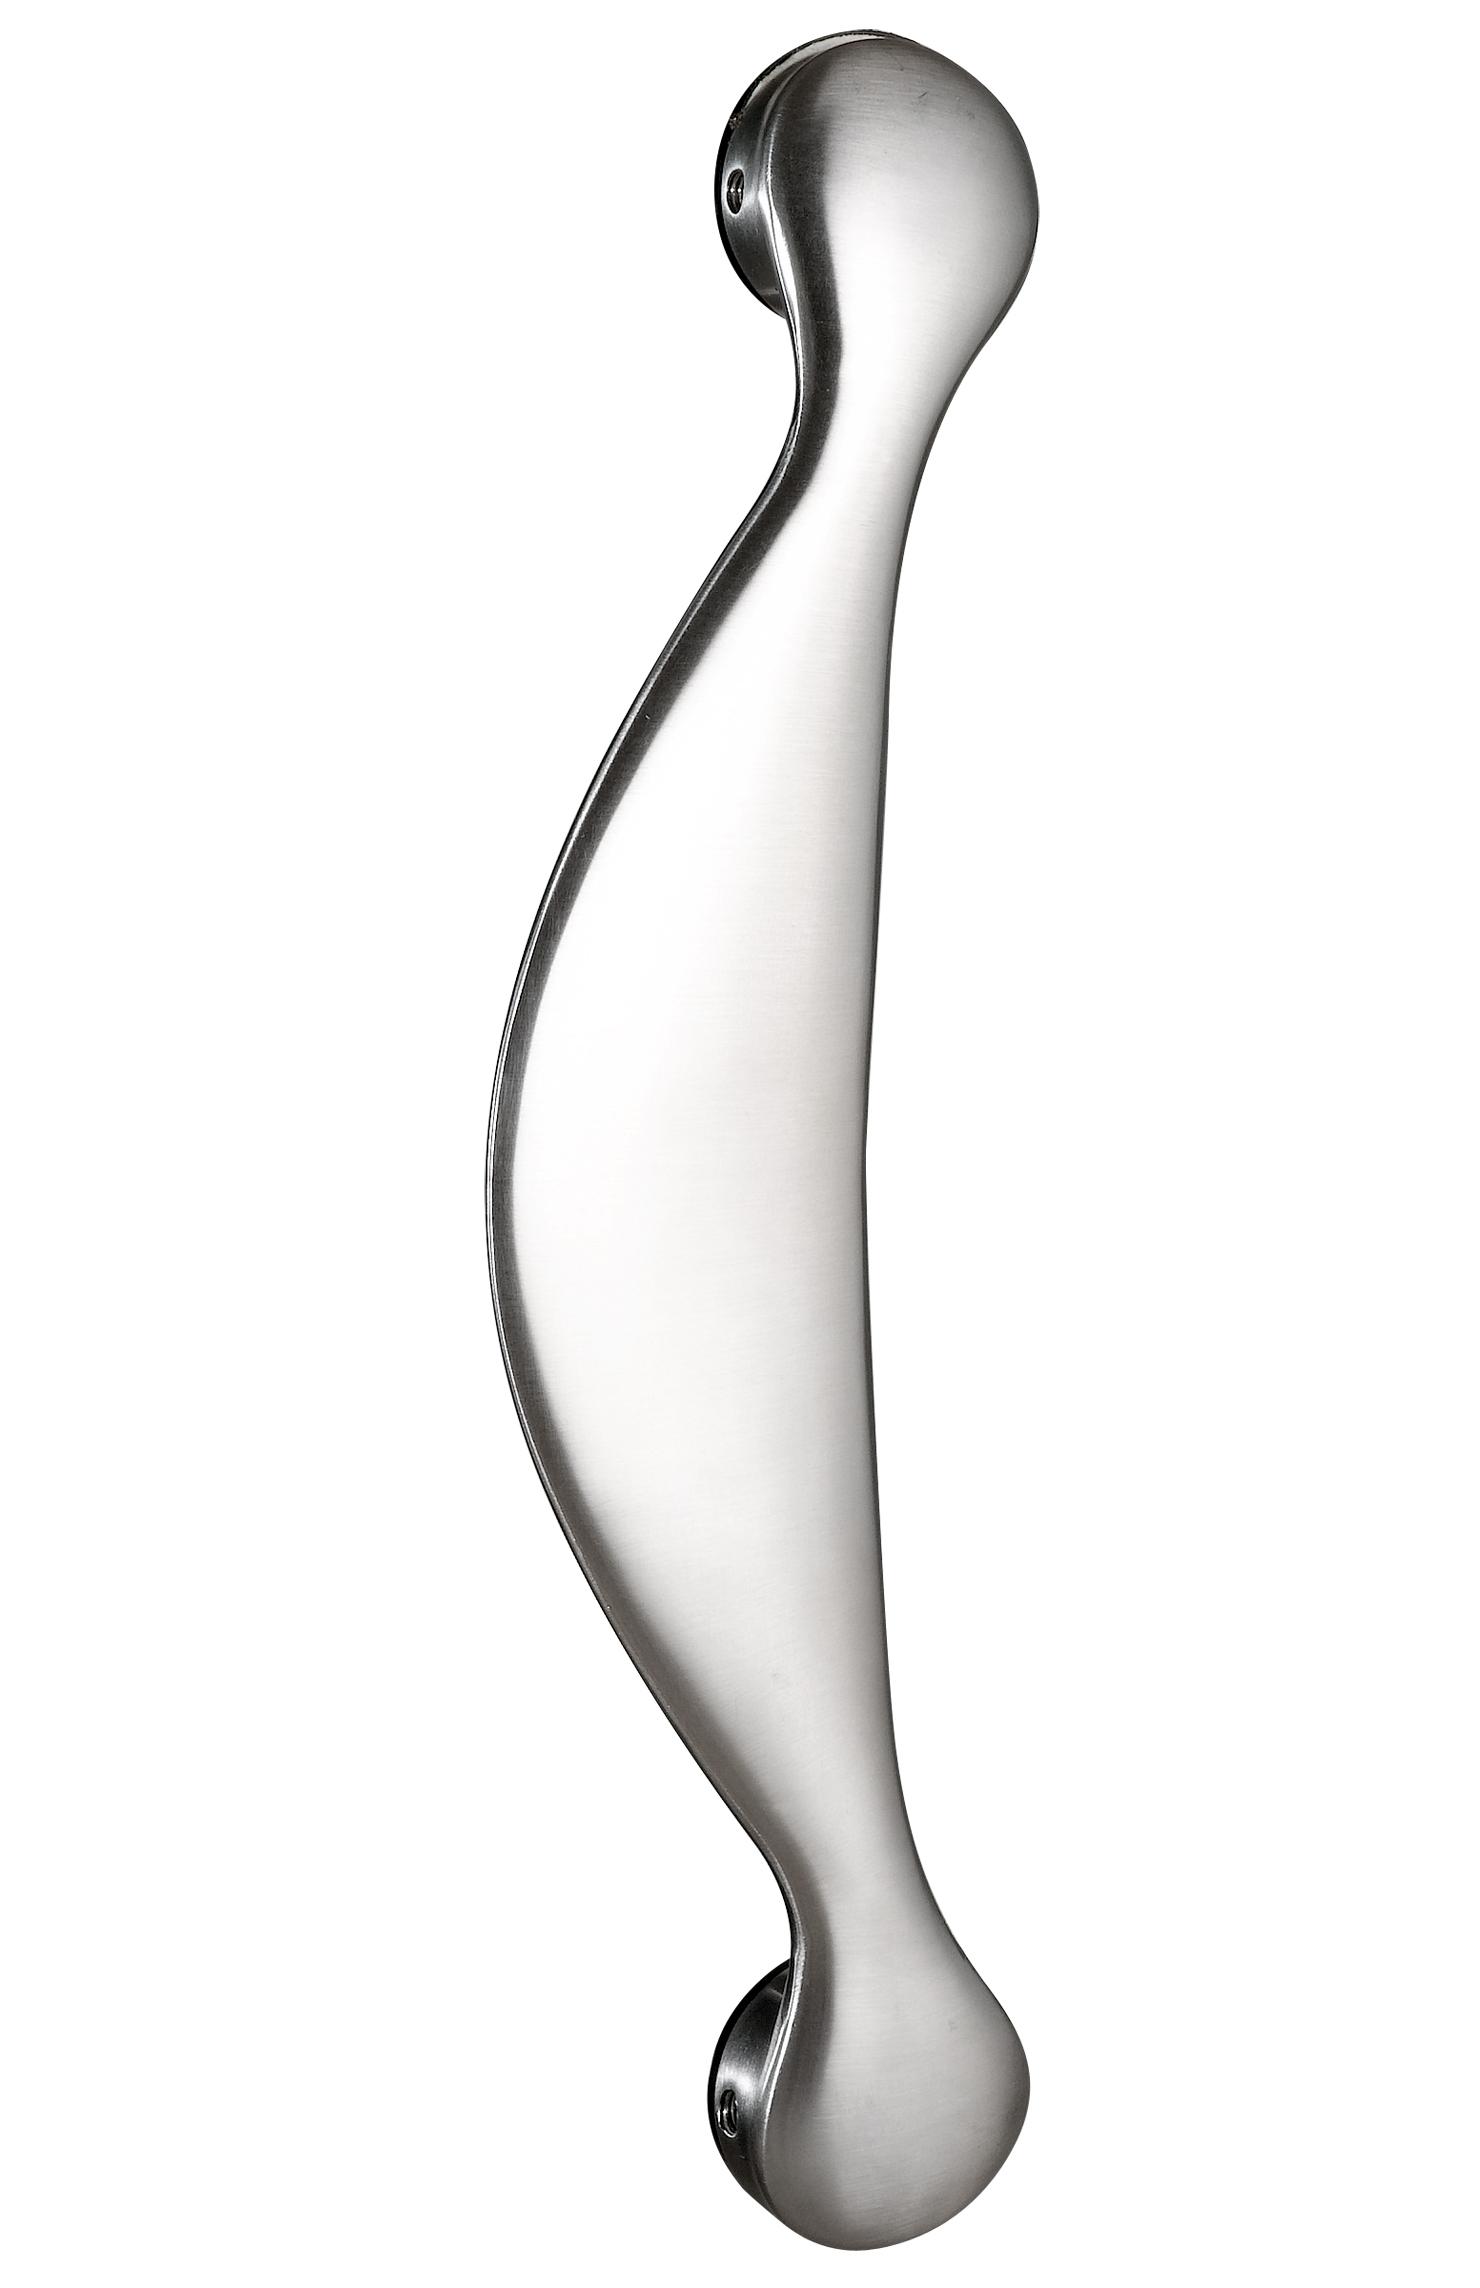 Modele de manere pentru usi din sticla SADEV DECOR - Poza 17